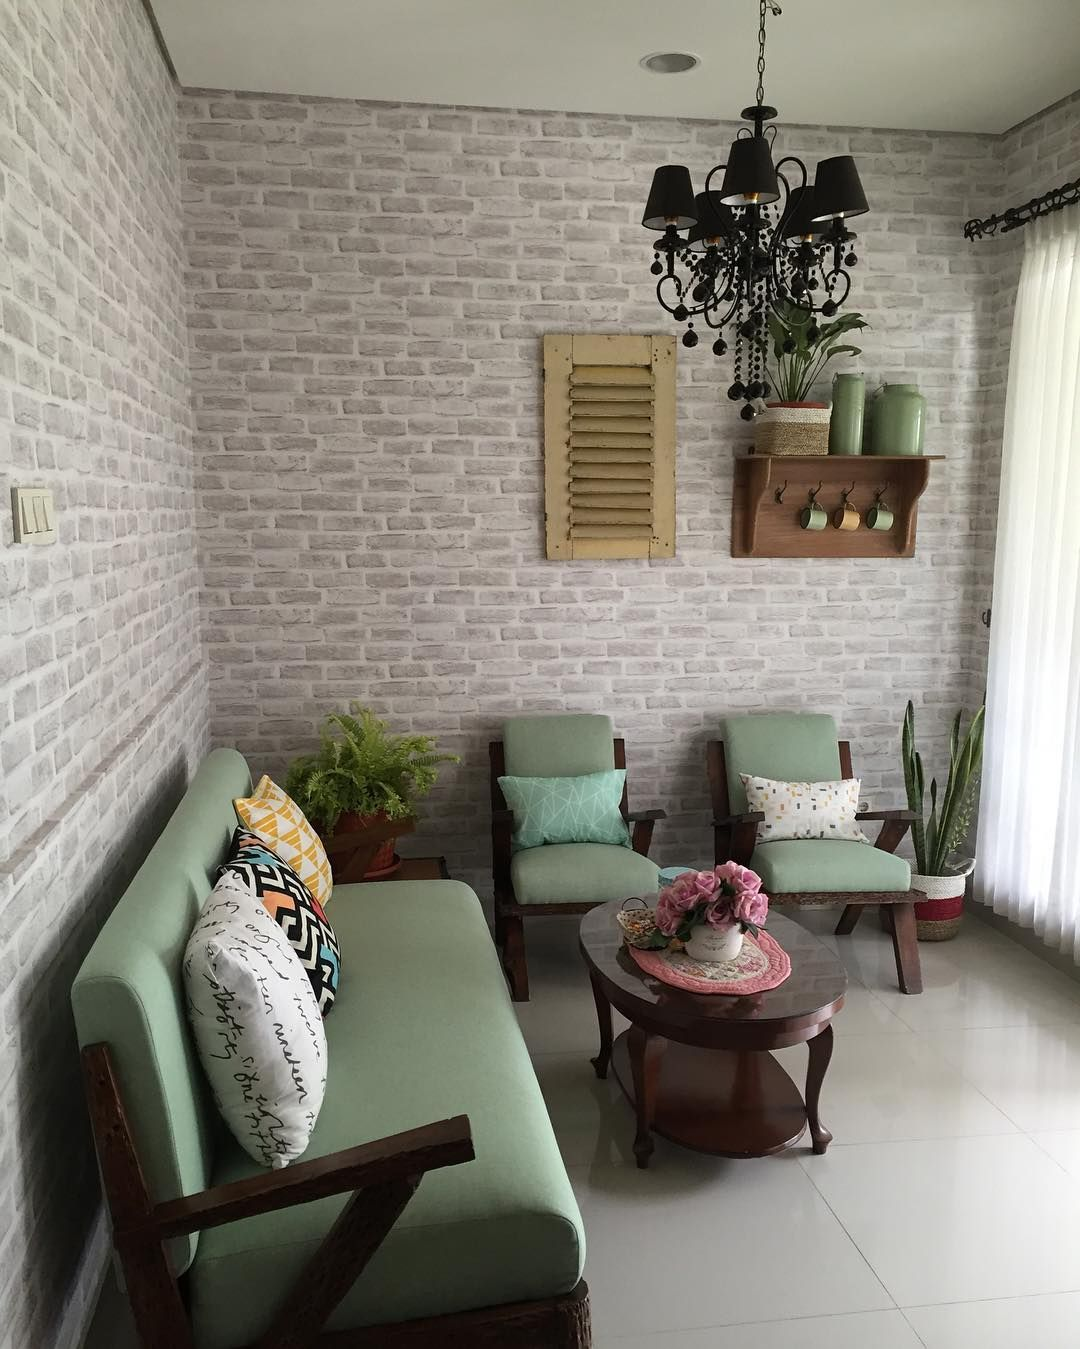 Desain ruang tamu vintage klasik kursi pinterest home decor